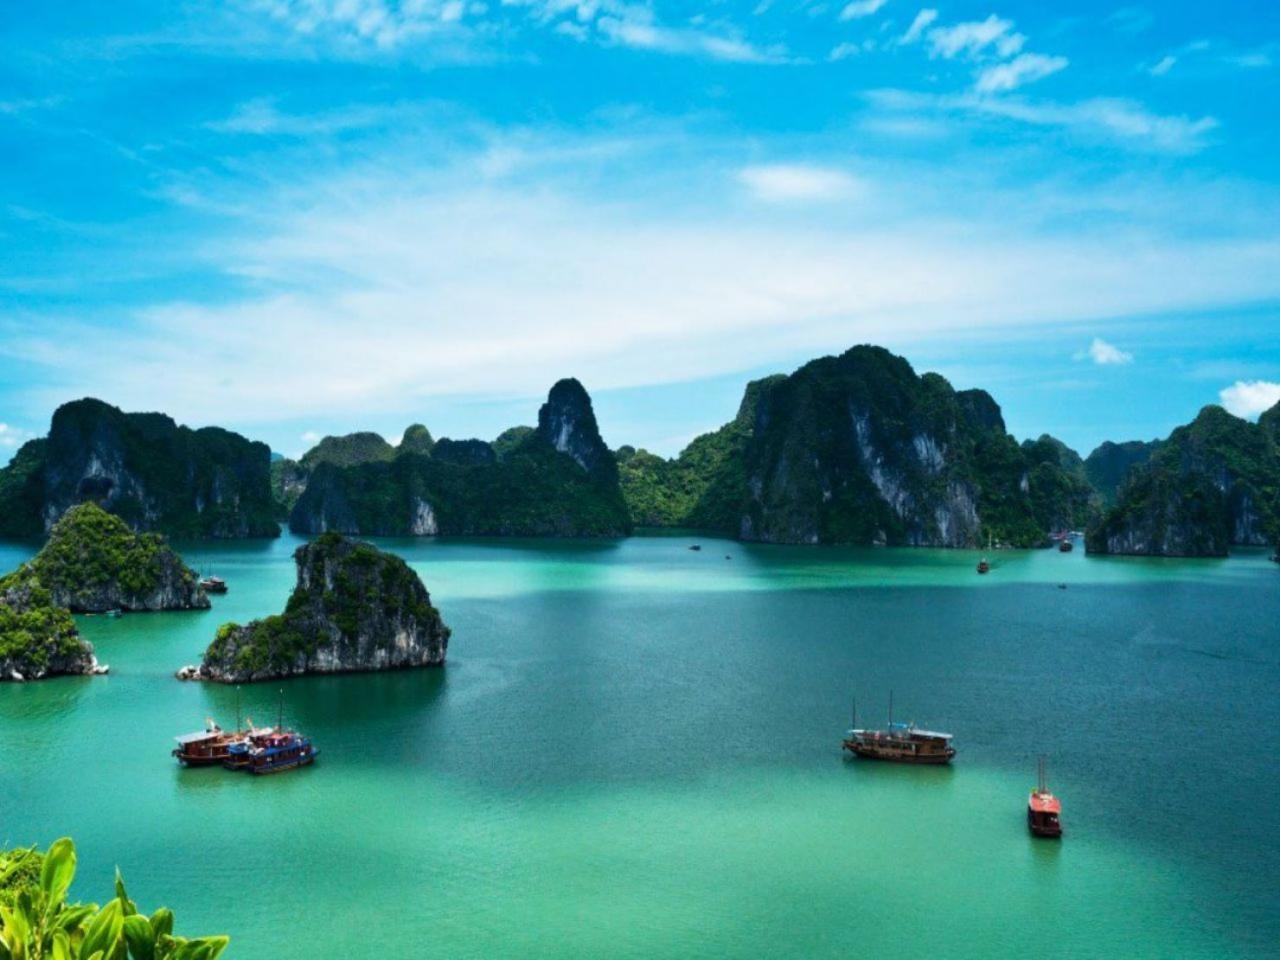 Вьетнам обои на рабочий стол   скачать (6)